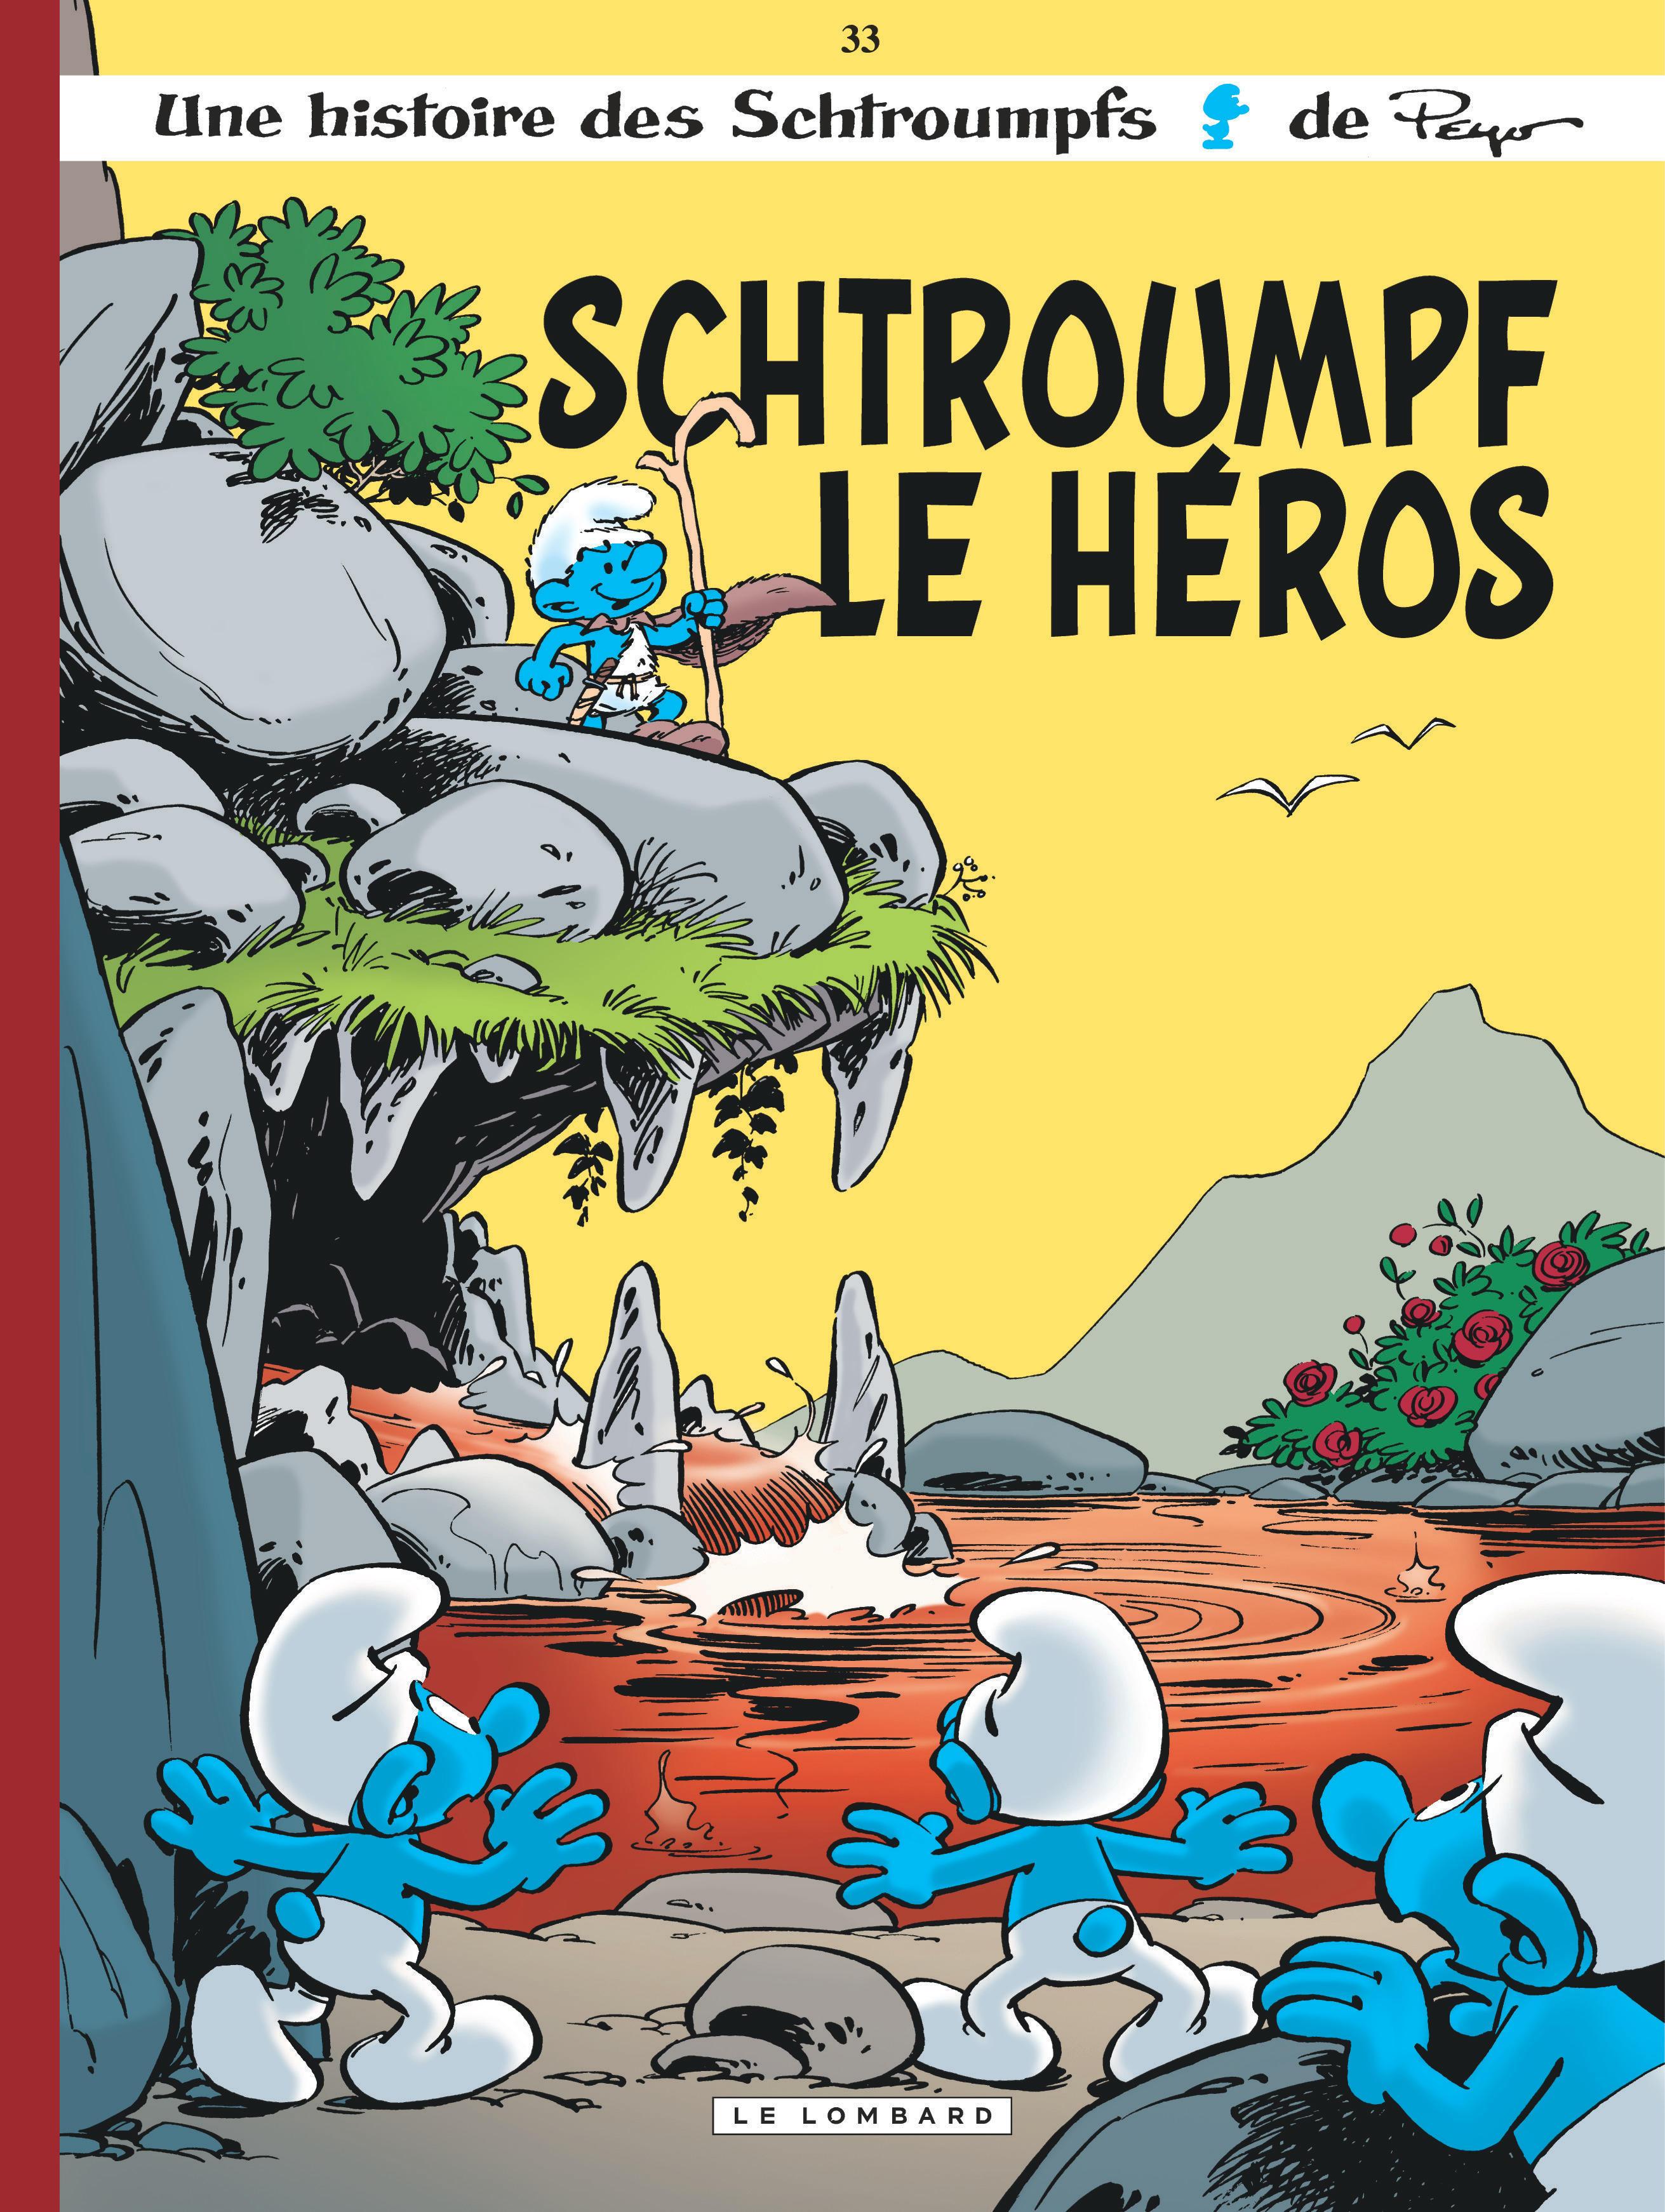 LES SCHTROUMPFS T33 SCHTROUMPF LE HEROS